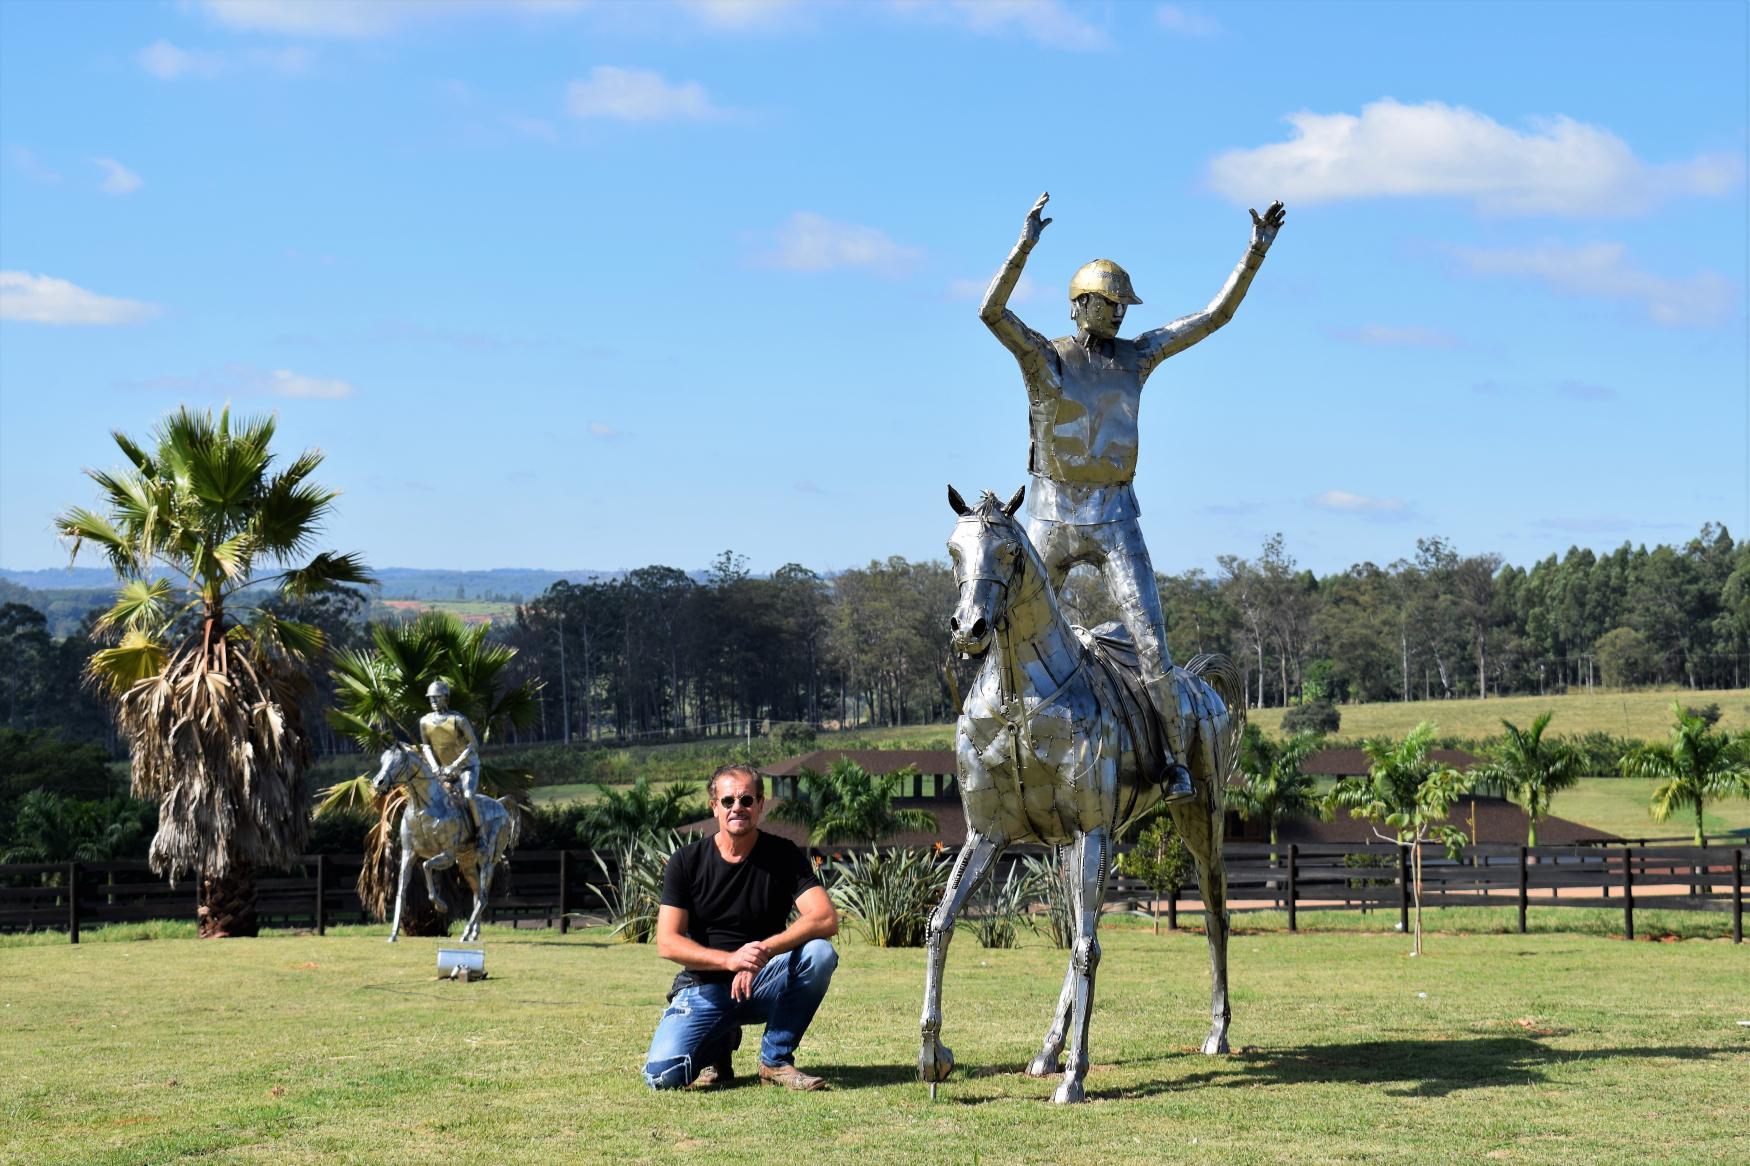 Esculturas em aço inox -  Enduro EquestreZe Vasconcellos Metal Sculptures - Metal Sculptures - Campinas - São Paulo - Brasil endurance, enduro equestre, metal scupture, metal arte,  cavalos , horse, esculturas em metal, stainless steel ,